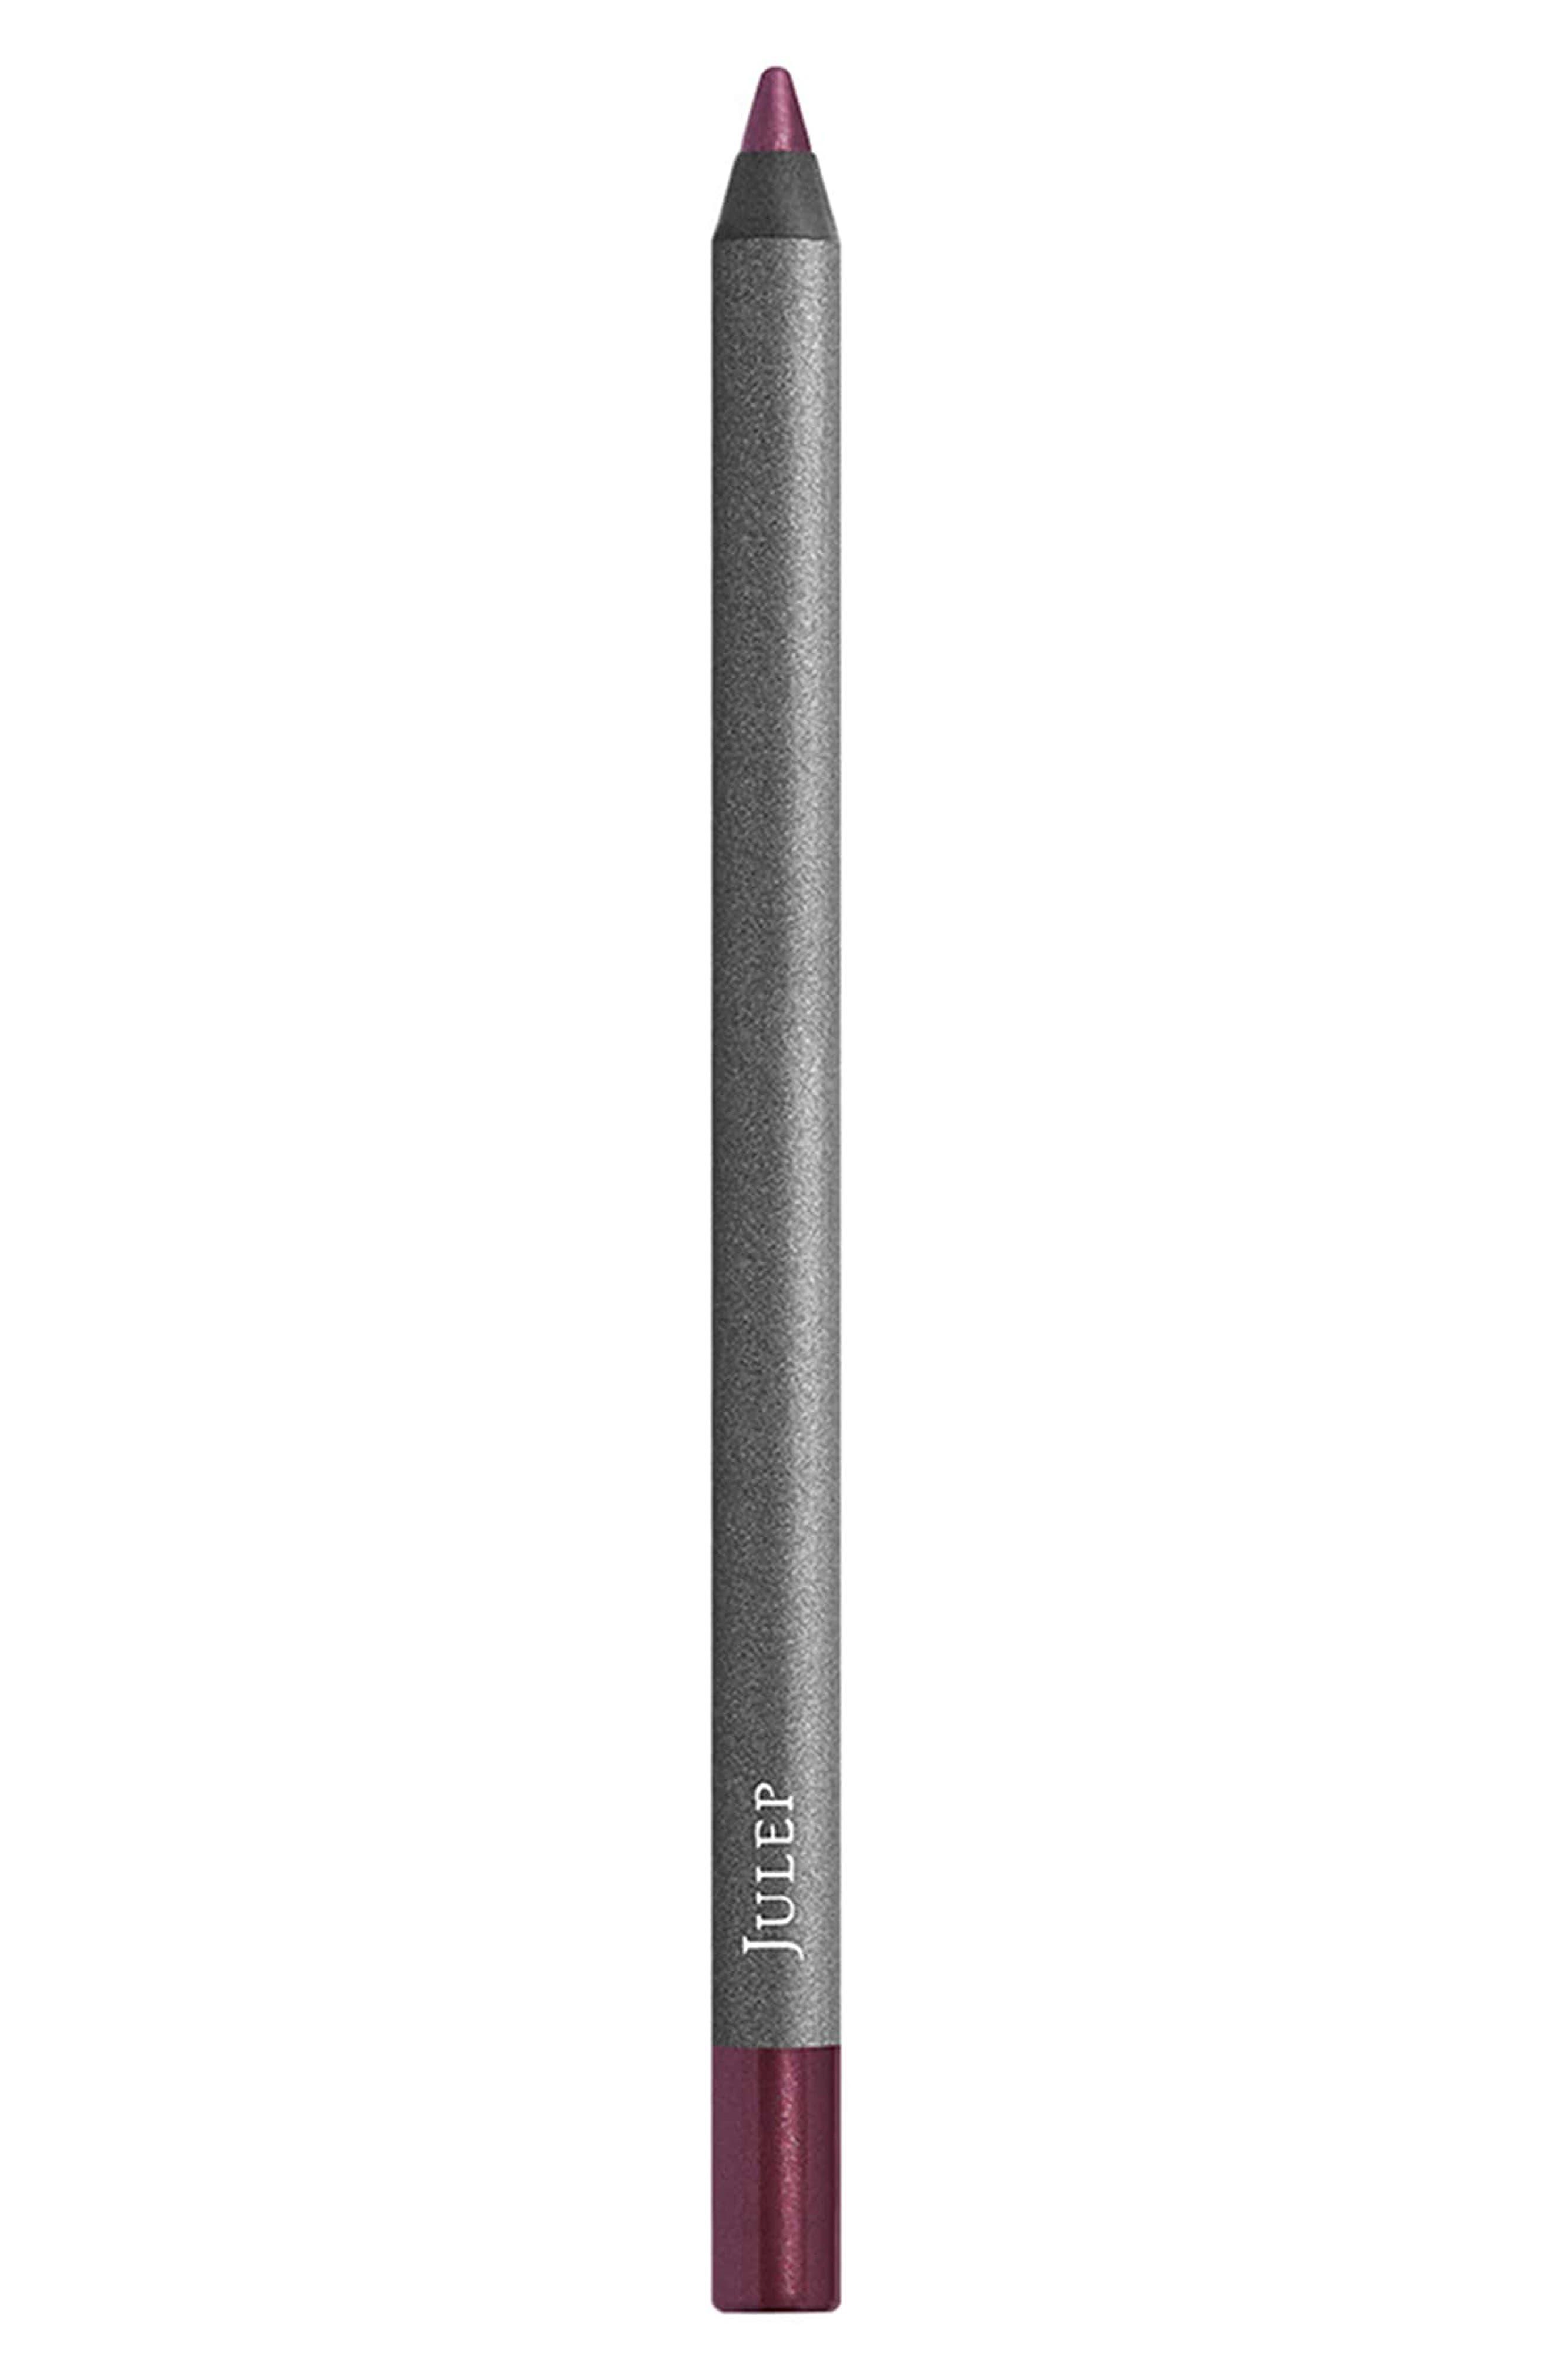 Julep(TM) When Pencil Met Gel Long-Lasting Eyeliner - Fig Shimmer